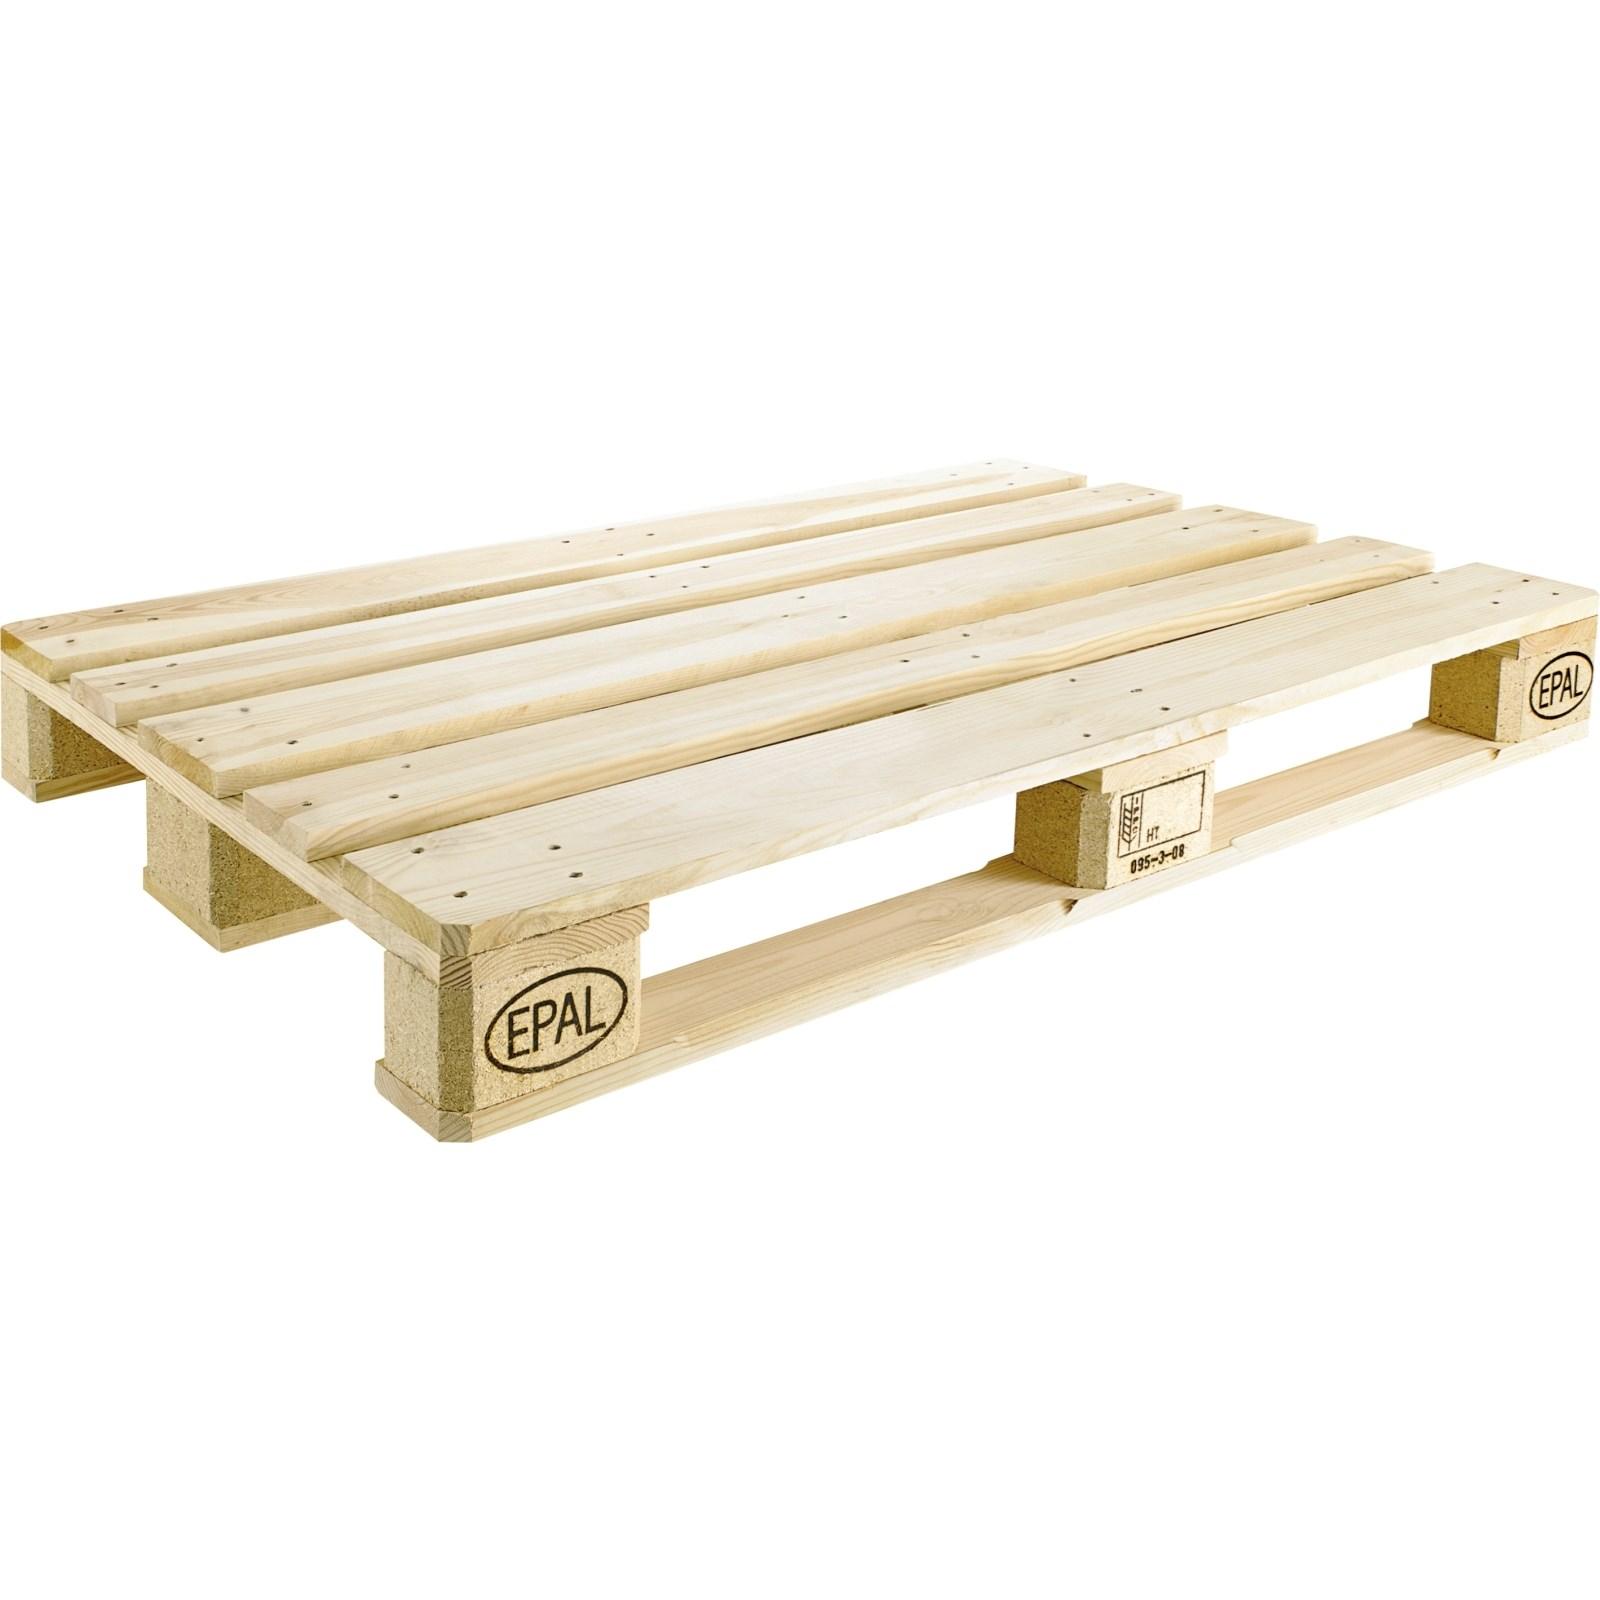 Palette 80 120 Cm Epal Lagergestelle Und Behälter Landi